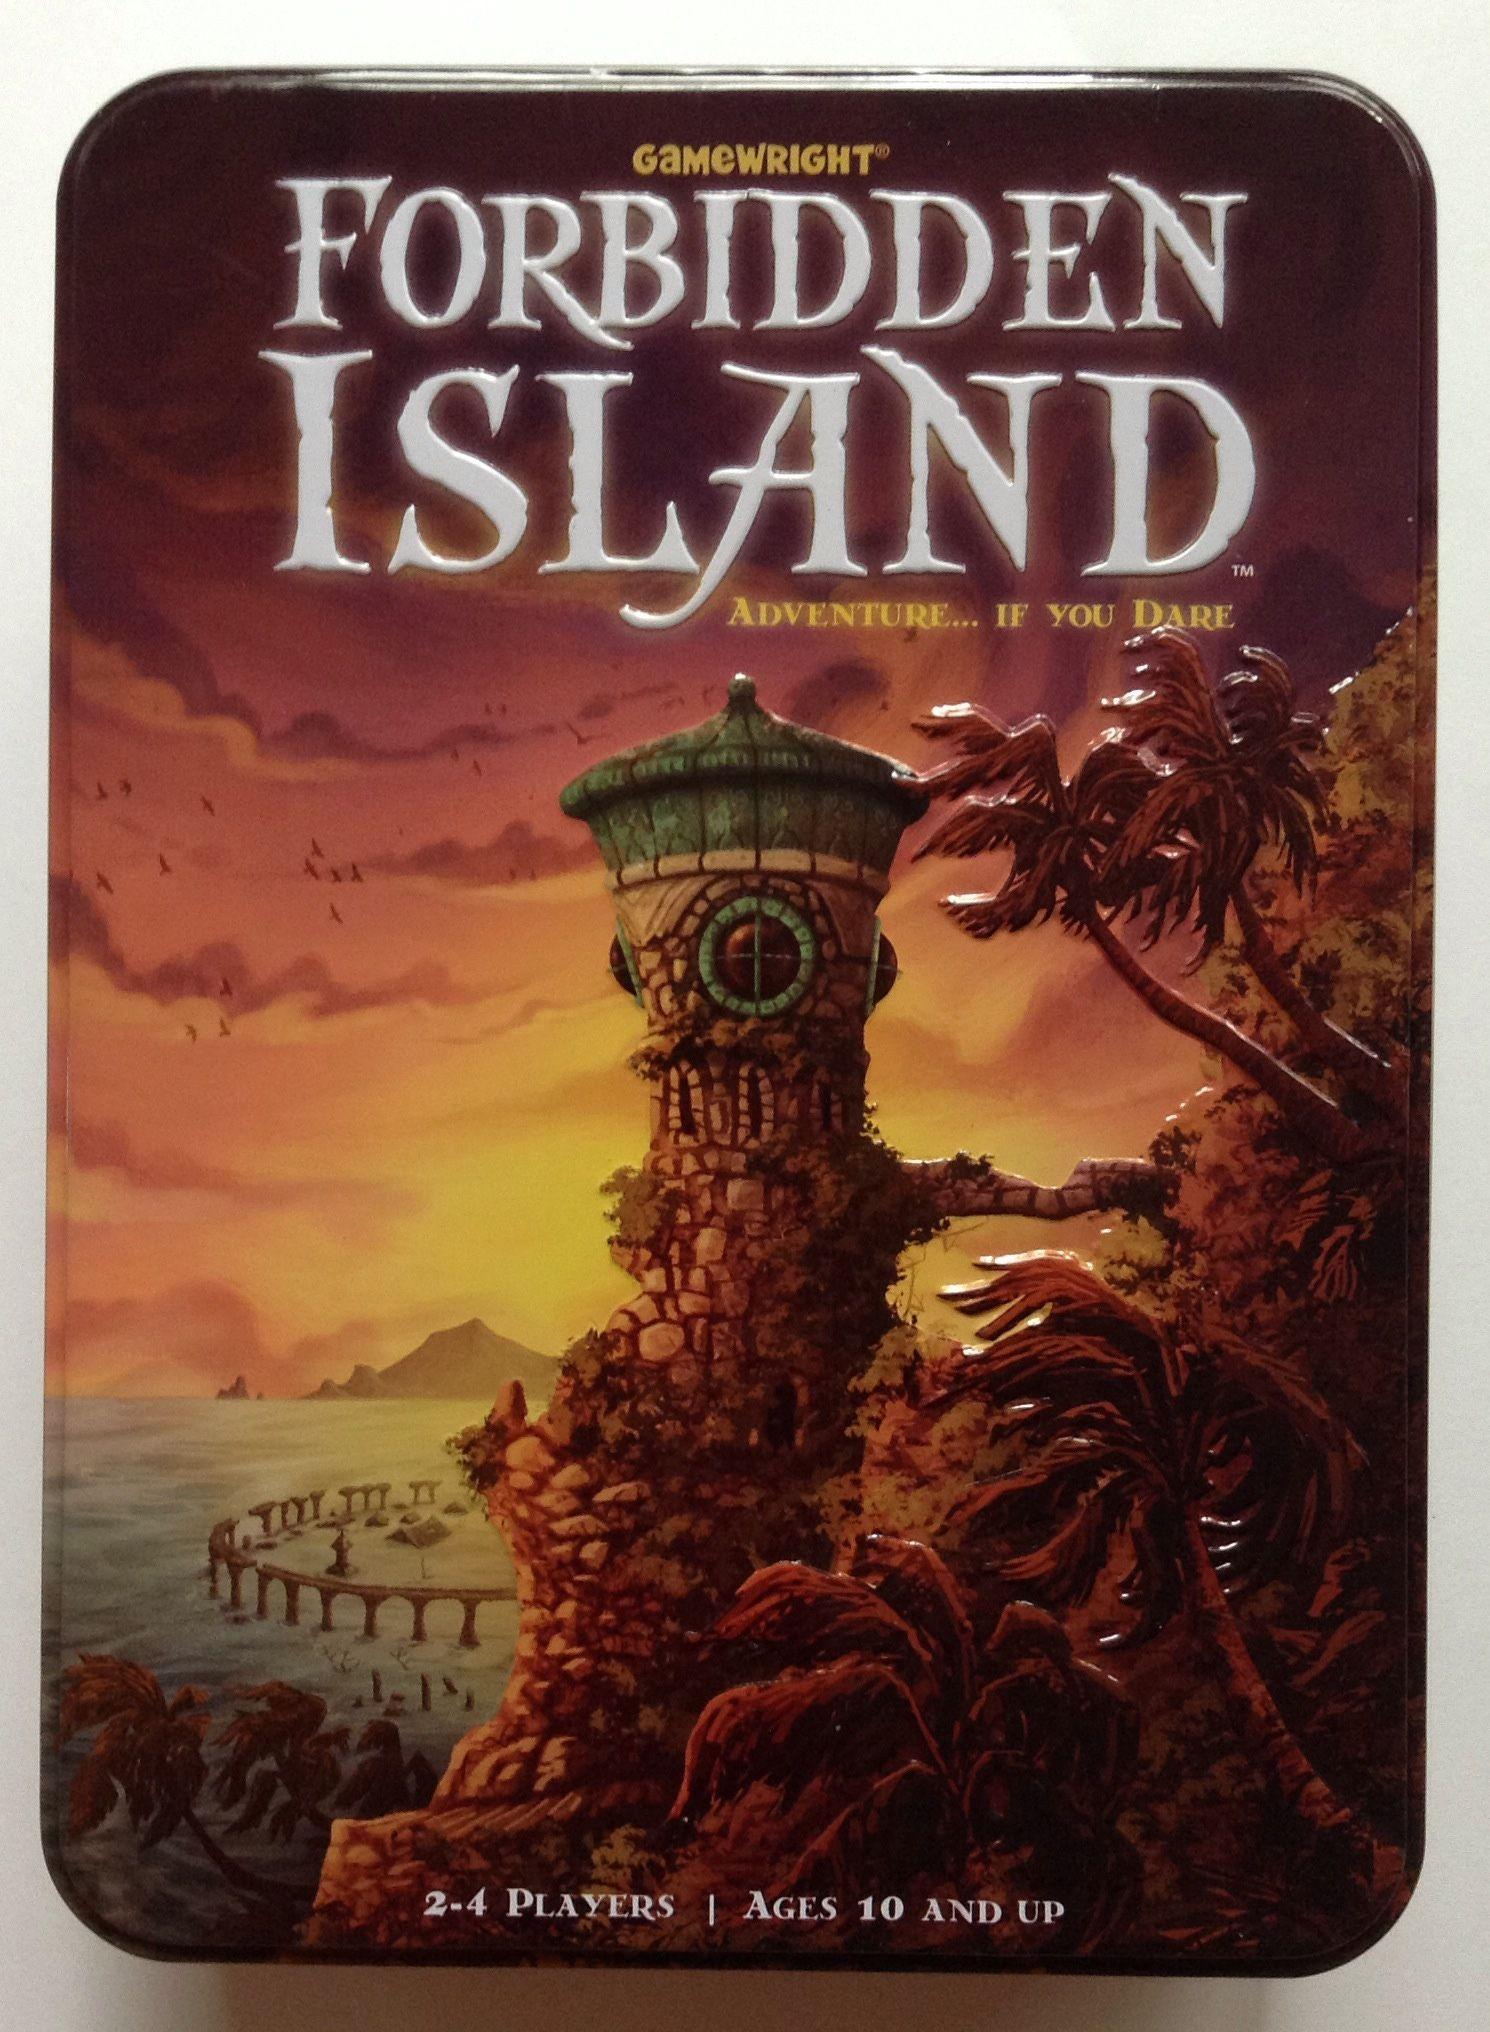 La Isla Prohibida (Forbidden Island) un juego cooperativo ideal para jugar en familia.